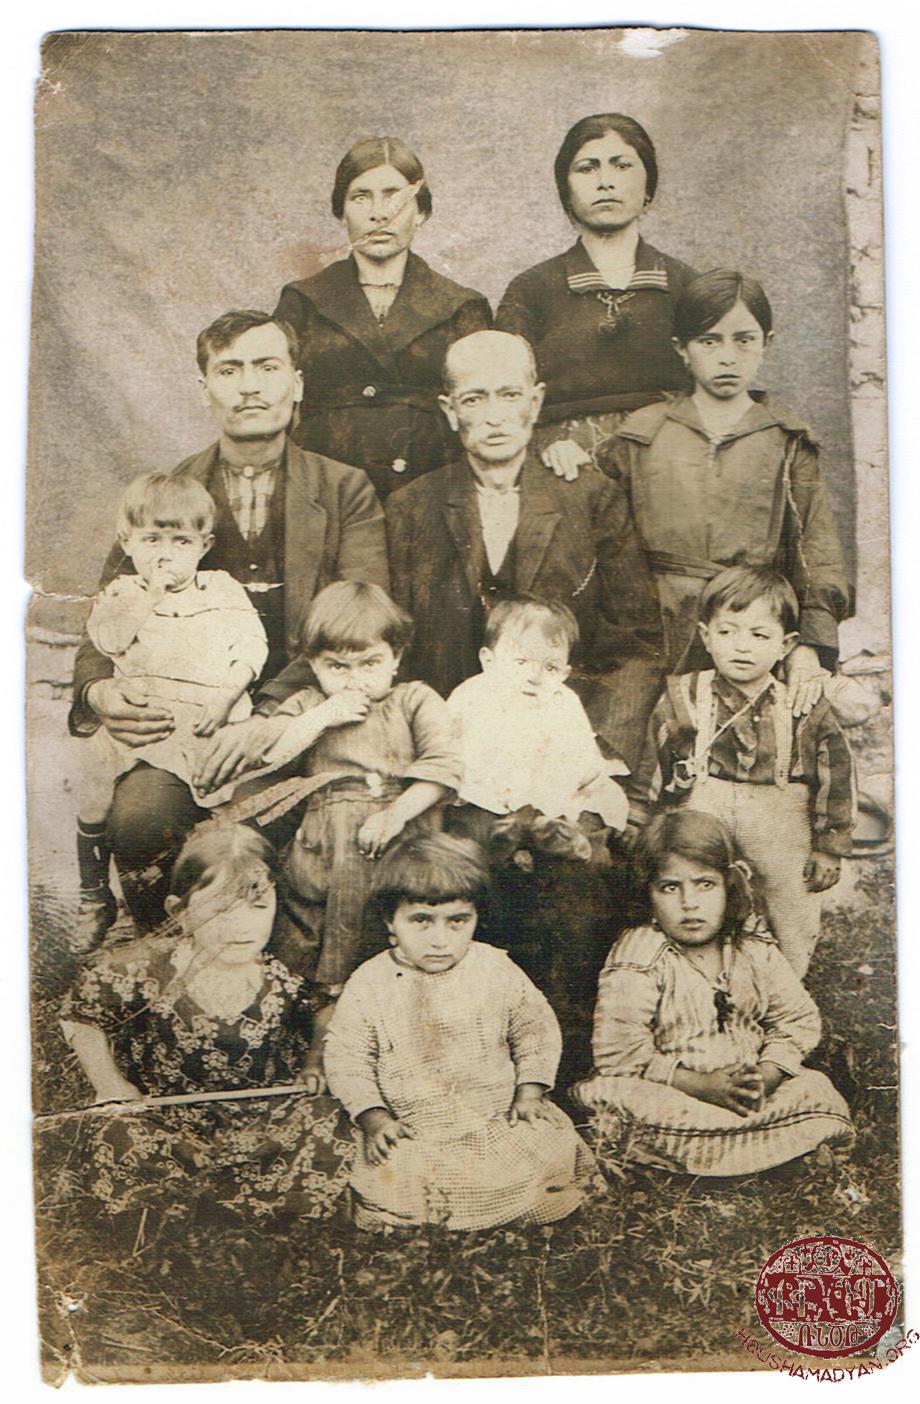 Թերզեան ընտանիքը Եոզկատի շրջանին մէջ 1920-ականներու սկիզբը